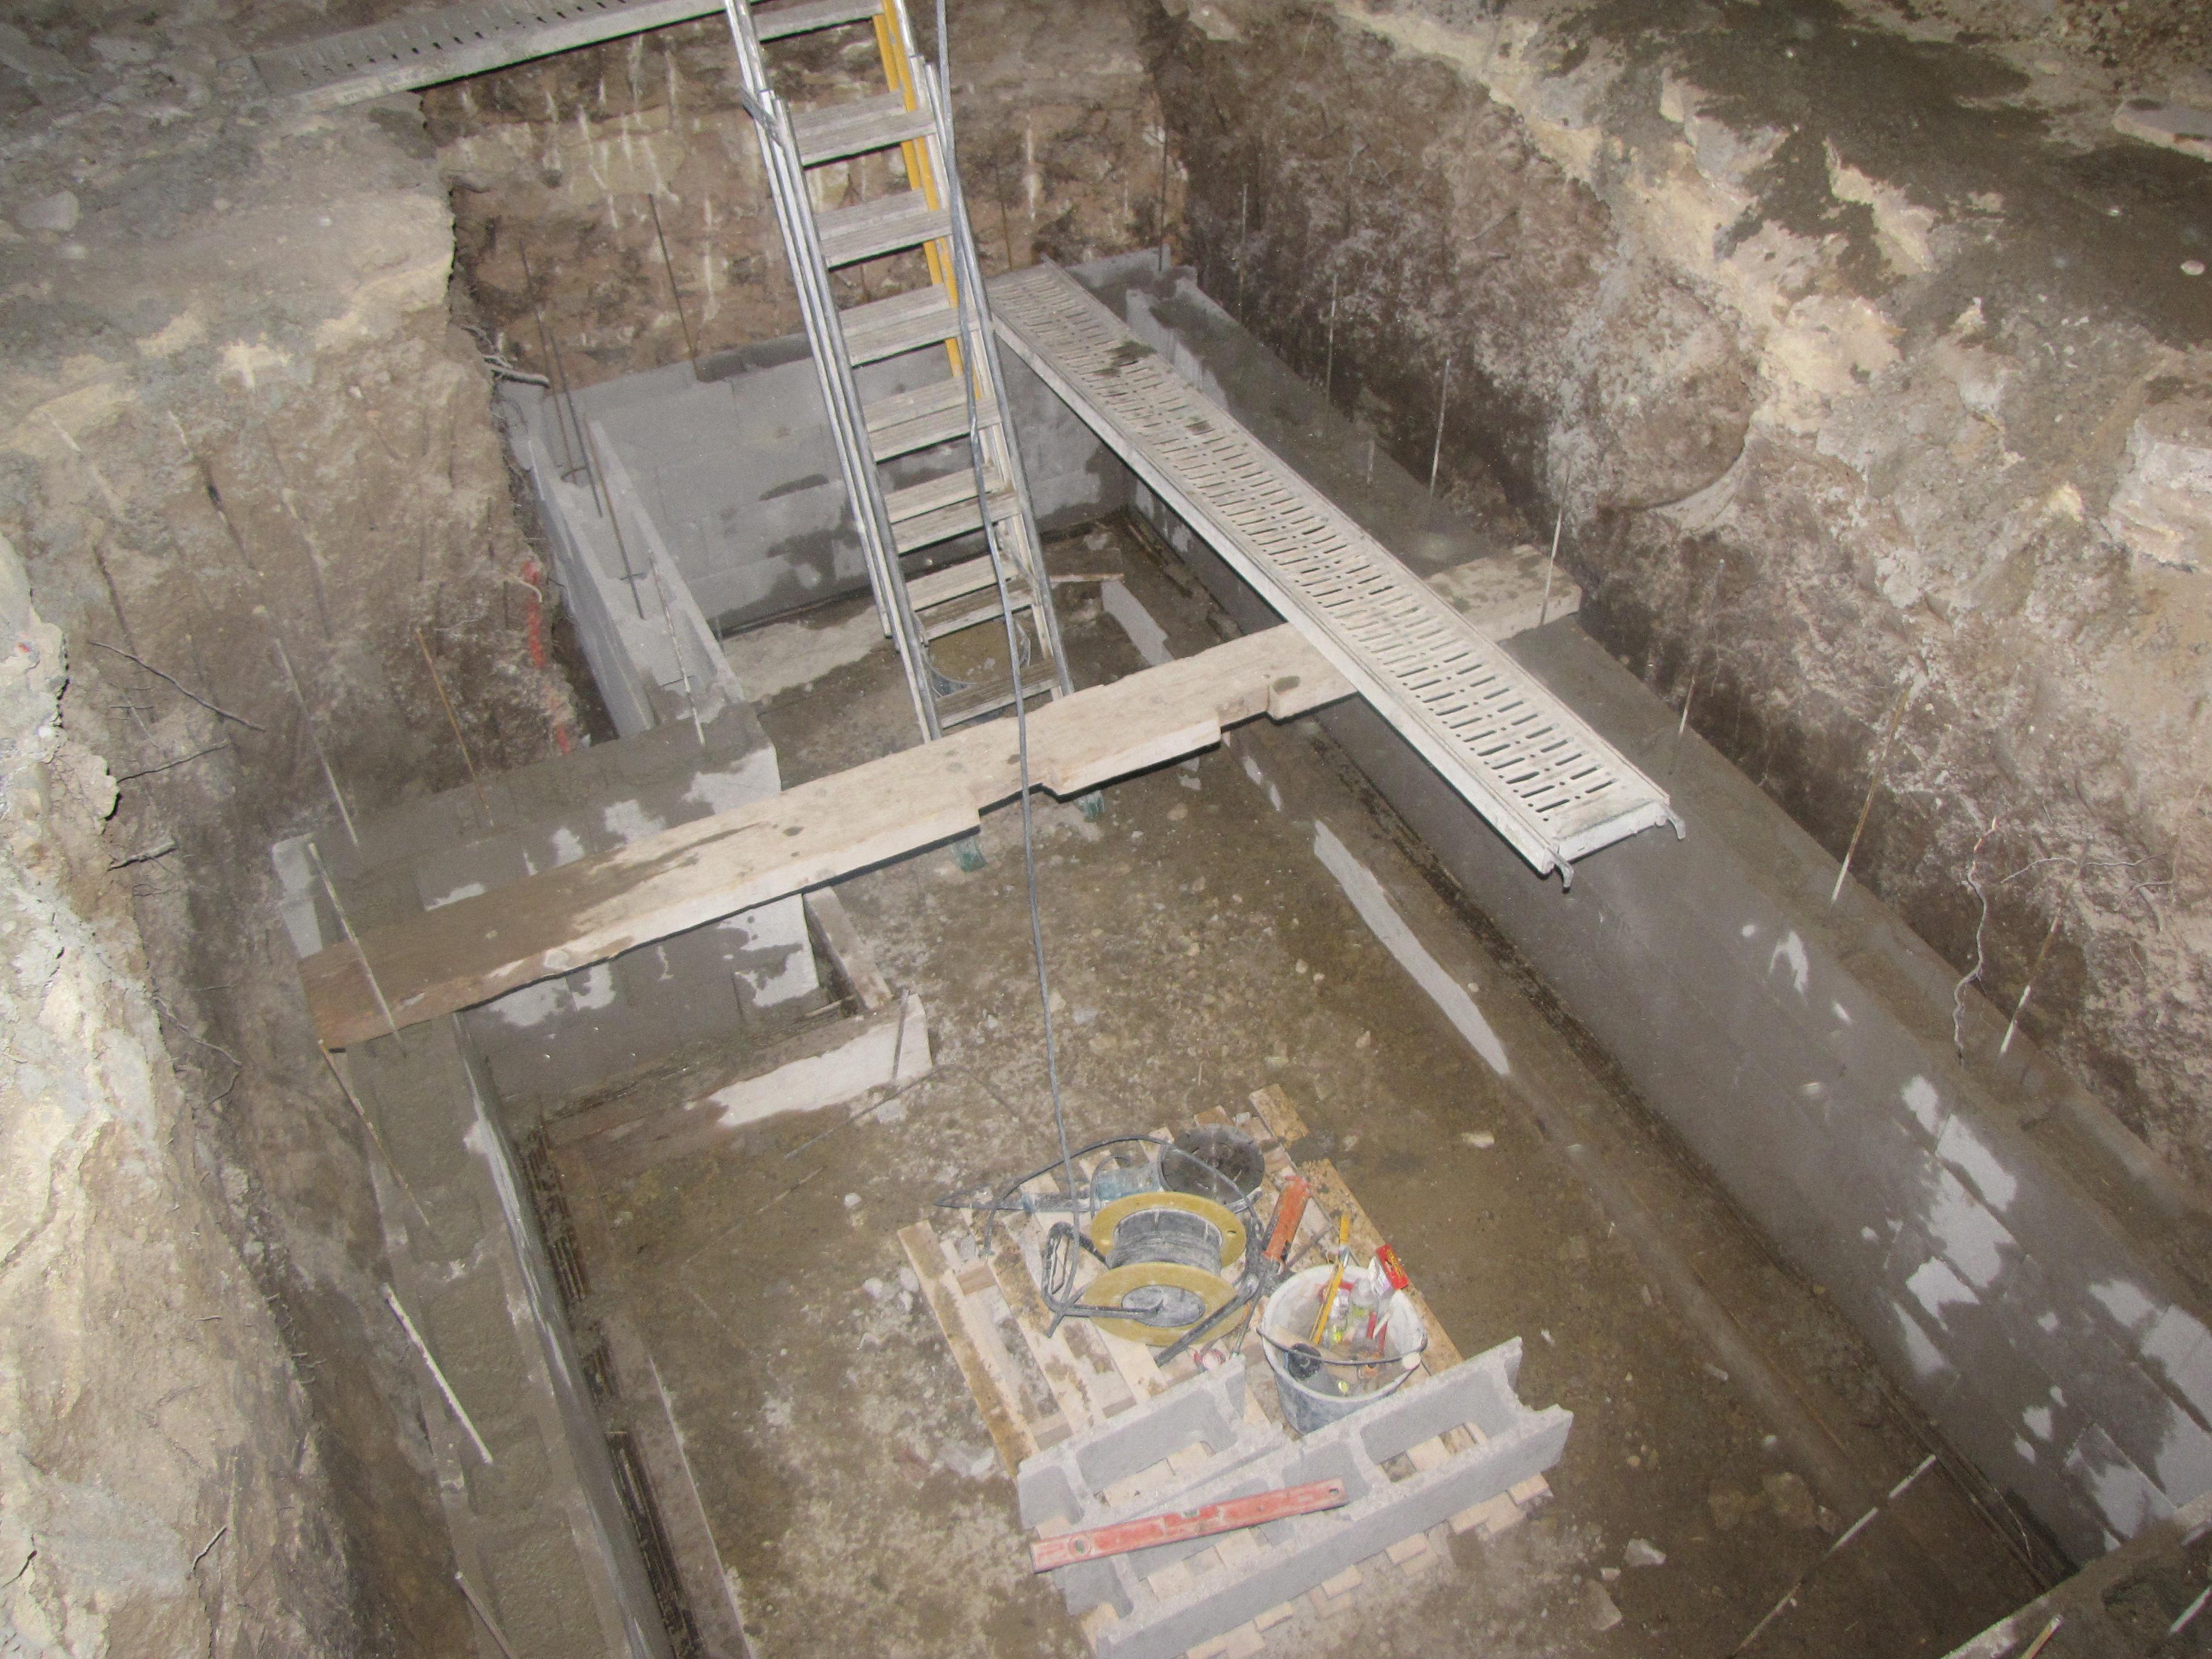 Desportes Rénovation Gard : Montage des murs d'une cave en agglo à bancher